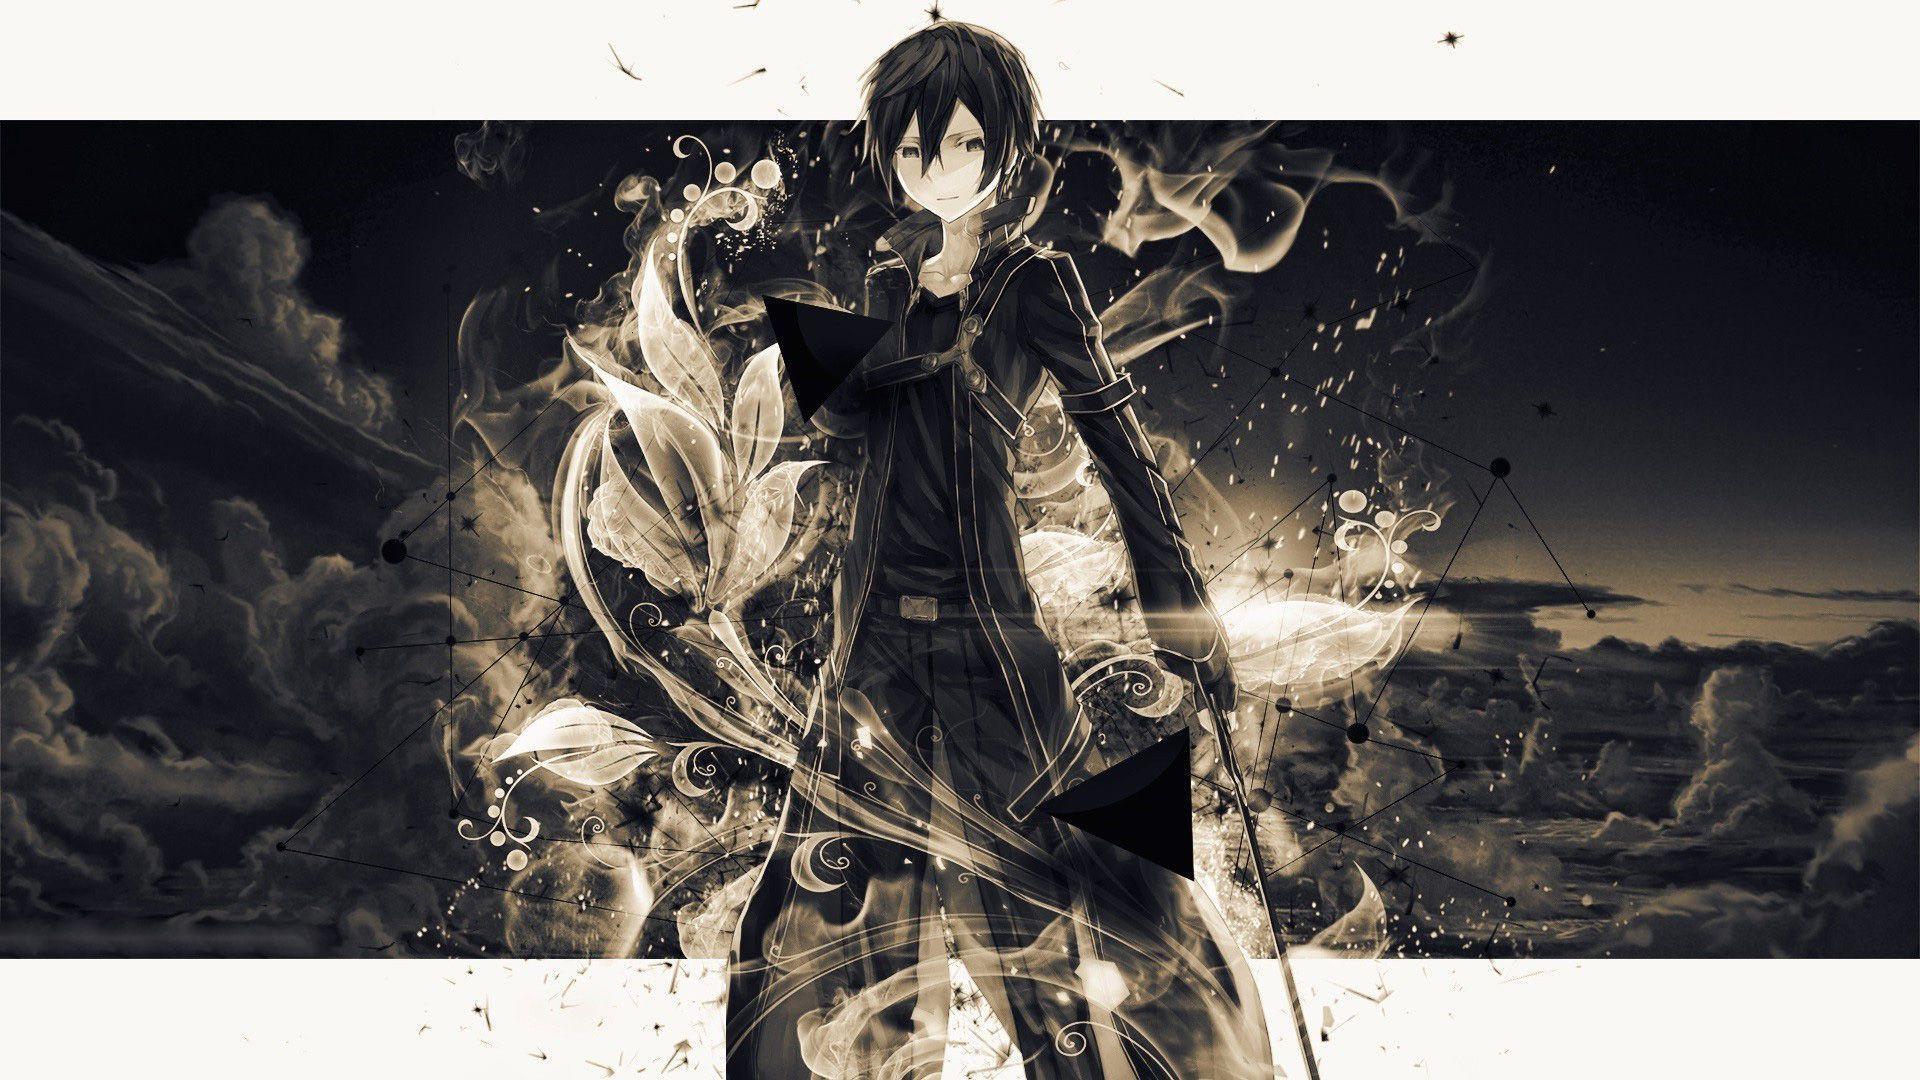 Sword Art Online Wallpaper 53 Free Wallpapers Of Sword Art Online Download Wallpapers Easy Sword Art Online Wallpaper Sword Art Online Kirito Sword Art Online Download wallpaper anime hd portrait